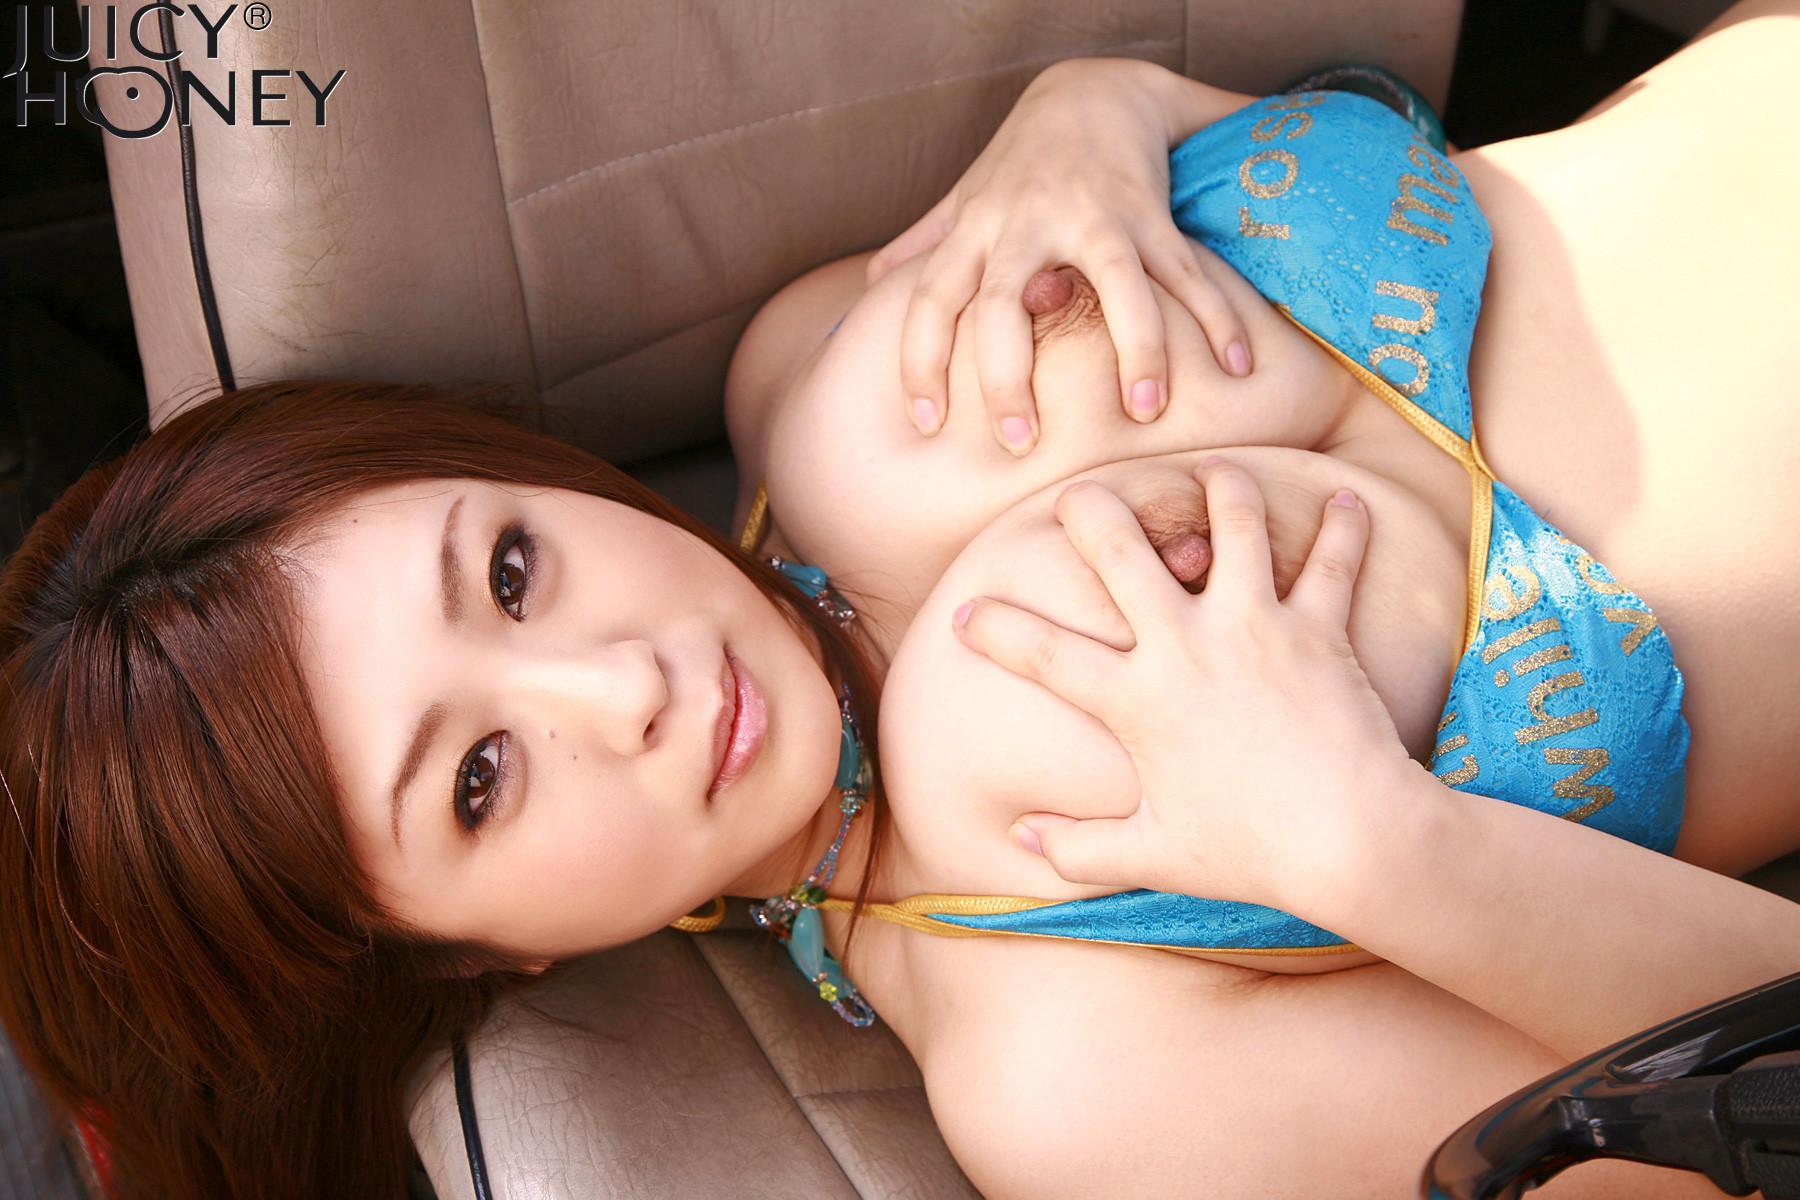 [X-City] Juicy Honey No.046 Nana Aoyama 青山菜々 066